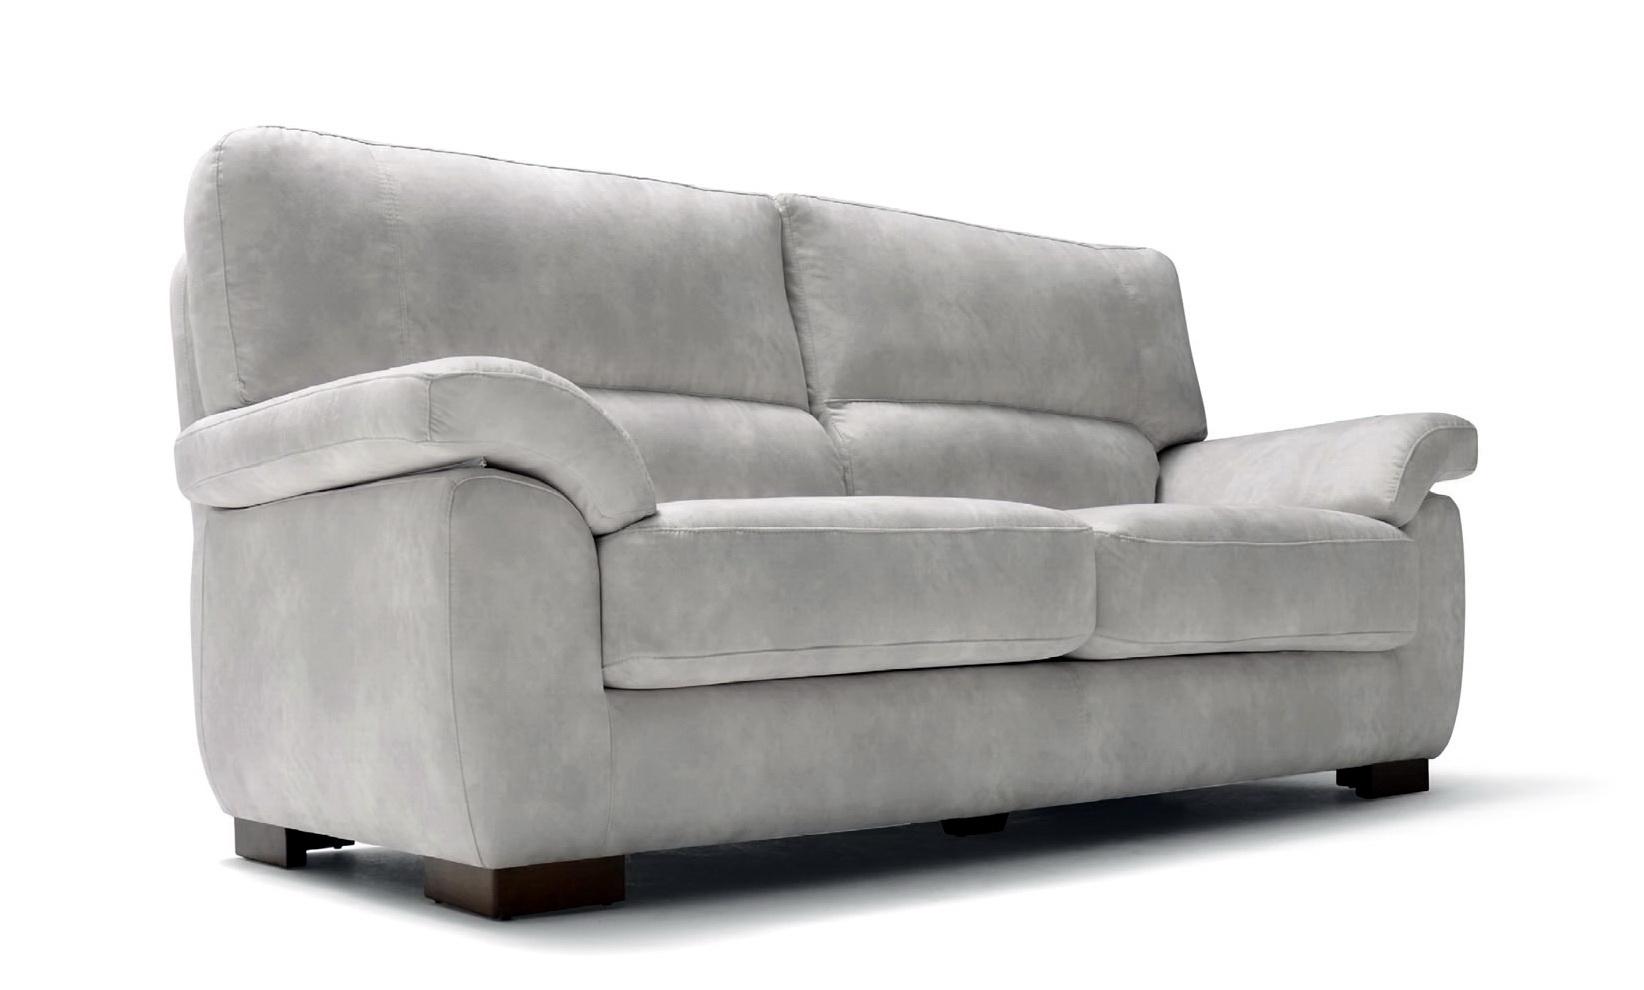 Verona sof fijo 3 2 plazas by paco bautista muebles anto n for Bautista muebles y decoracion